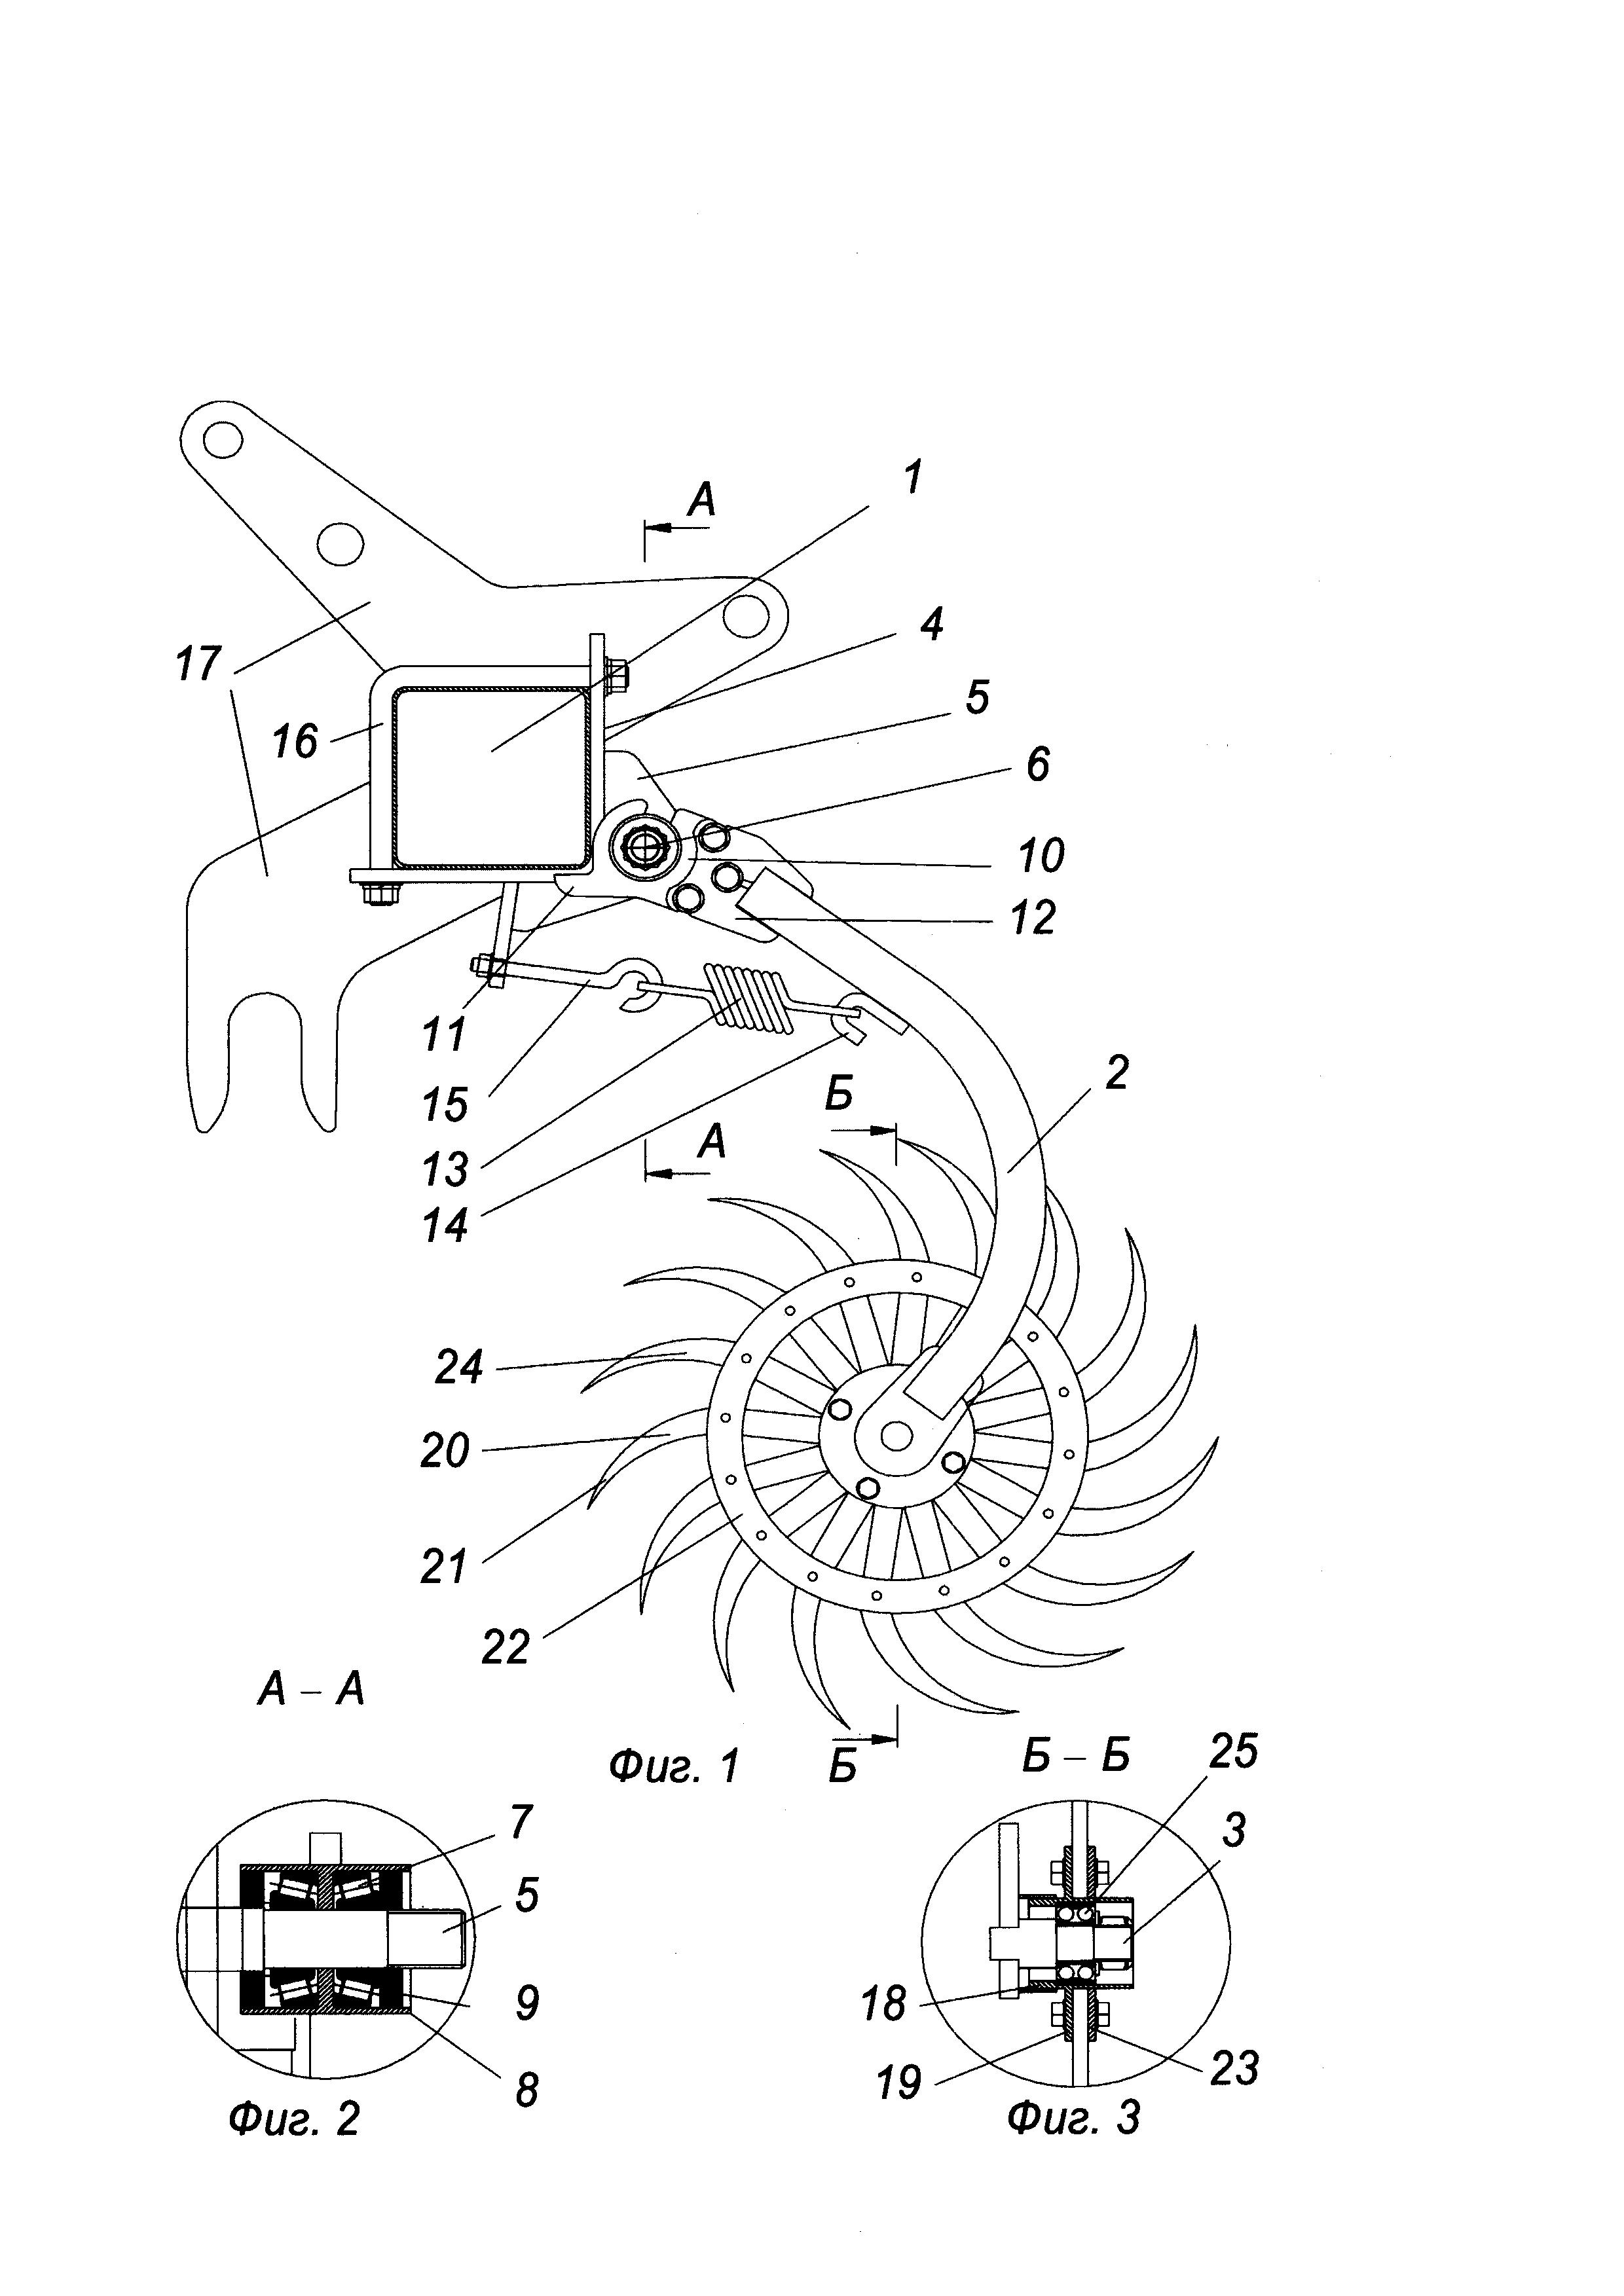 Борона-мотыга ротационная и зубчатый диск рабочего органа (варианты)